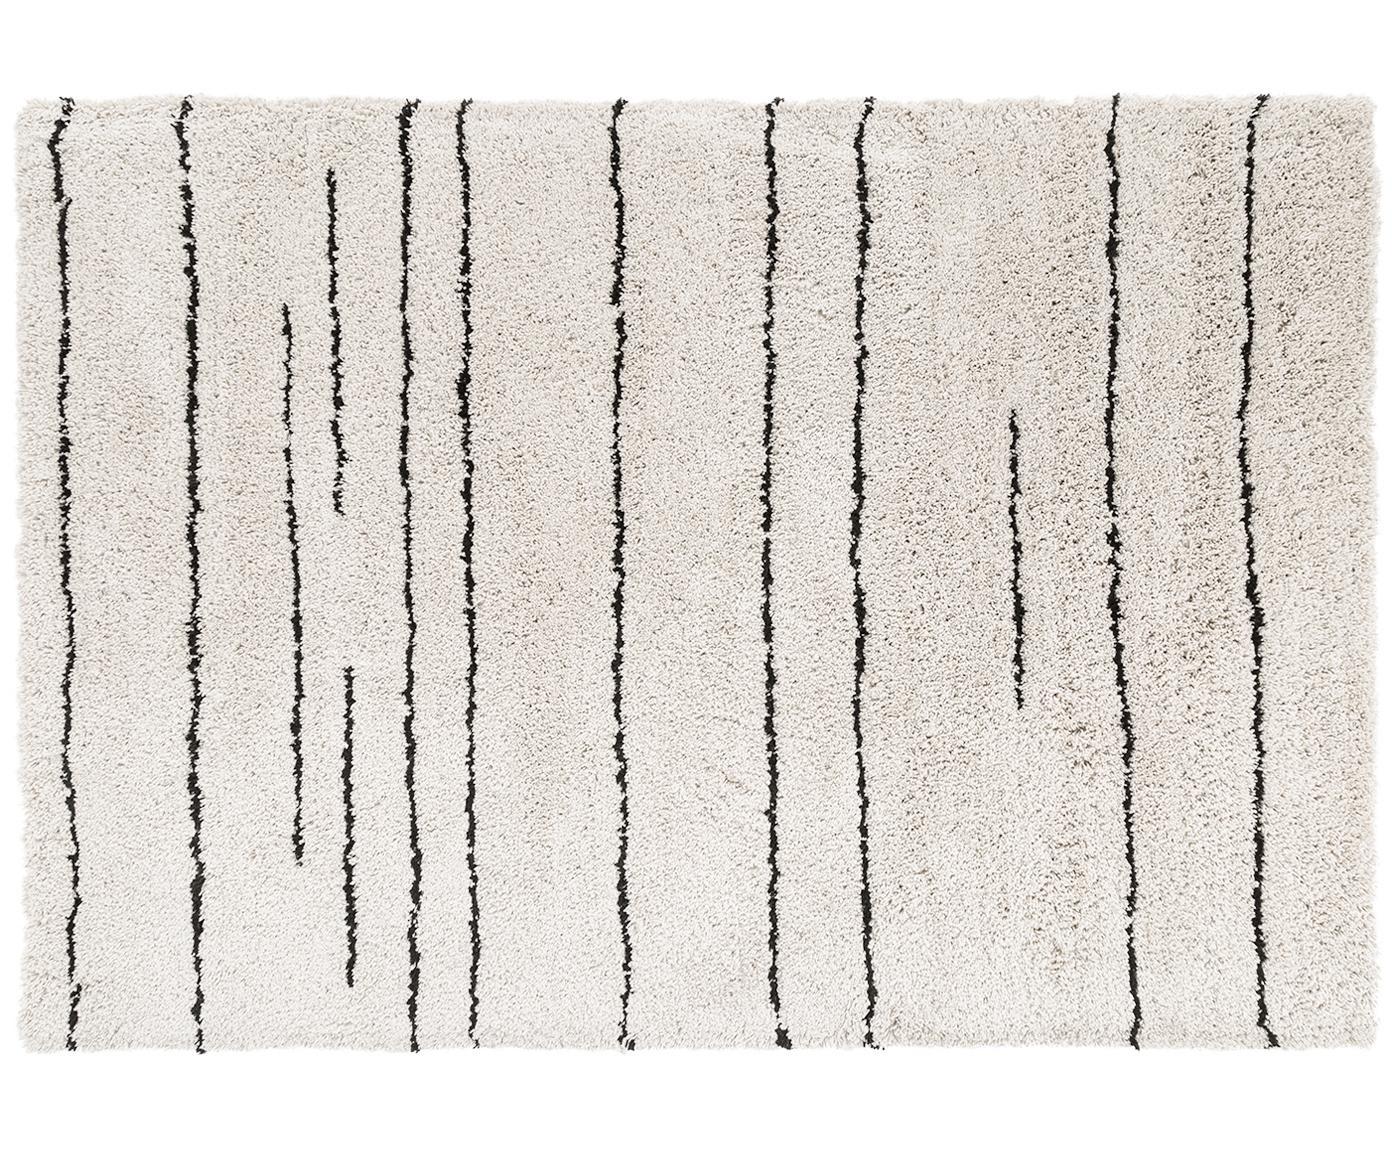 Handgetuft vloerkleed Dunya, Bovenzijde: 100% polyester, Onderzijde: 100% katoen, Beige, zwart, 200 x 300 cm